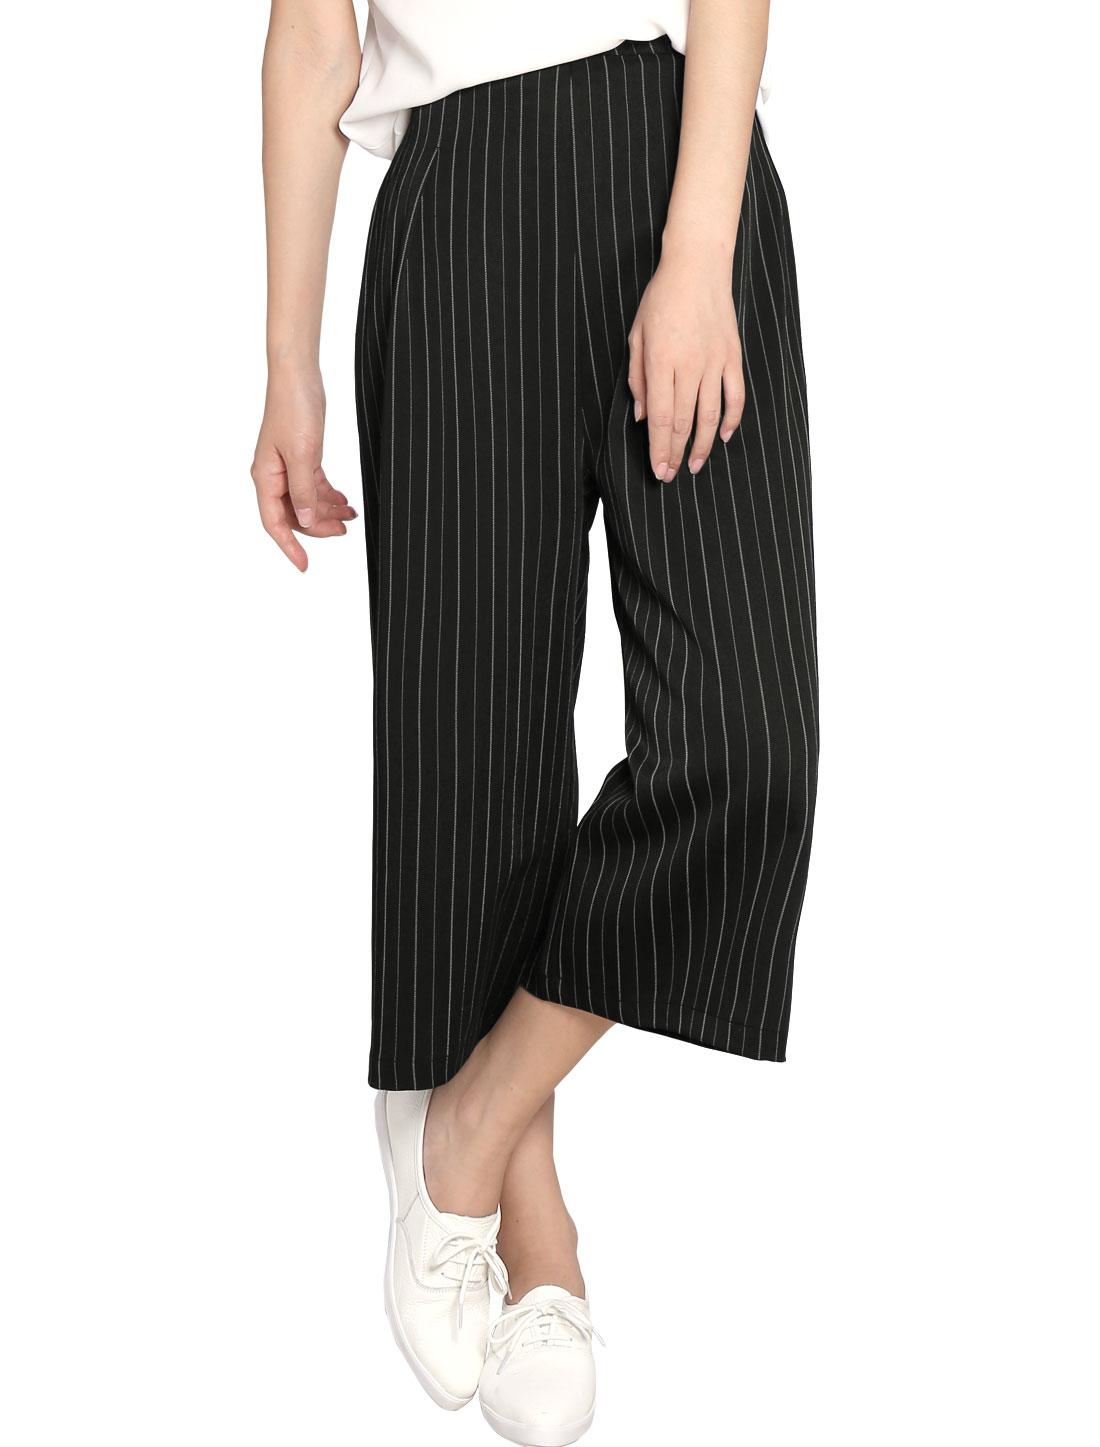 Ladies Vertical Stripes Capris Wide Leg Trousers Black S